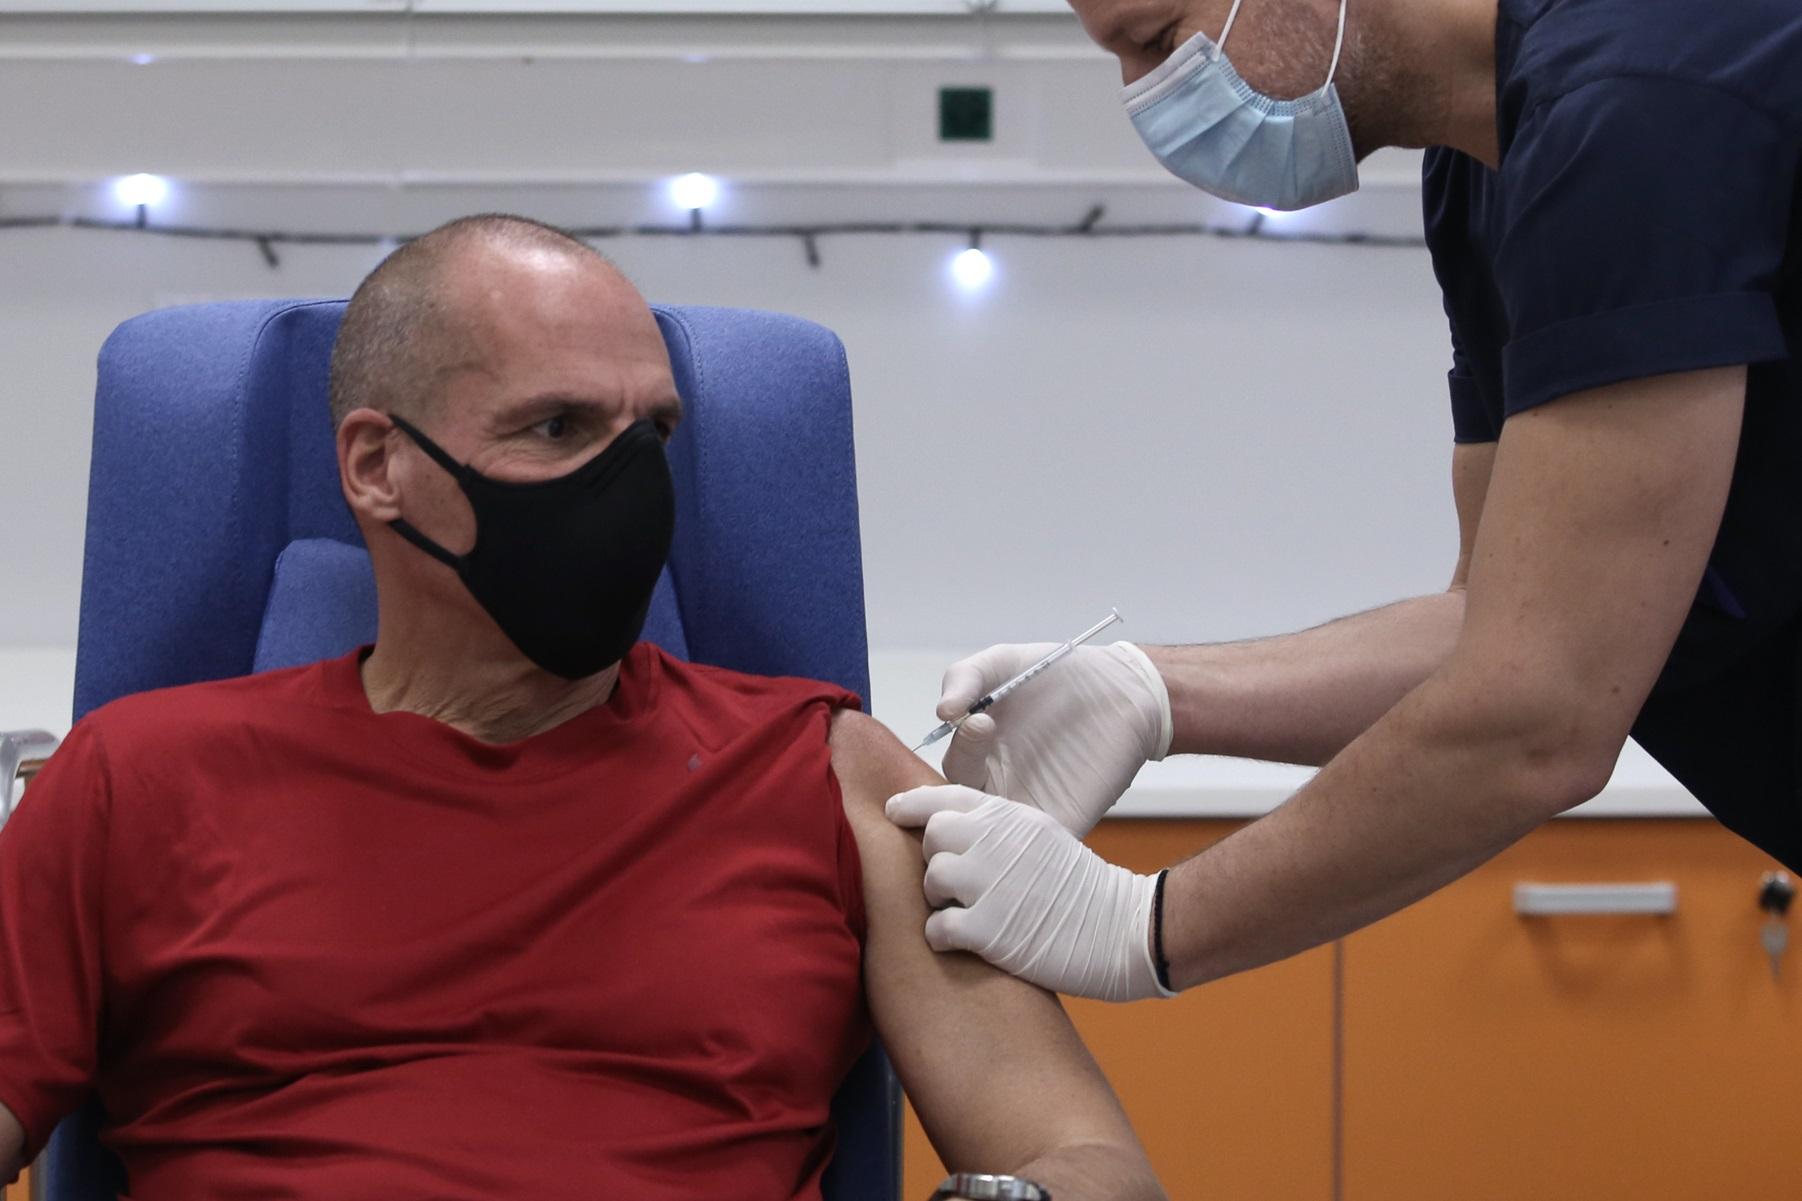 Την 3η δόση του εμβολίου έκανε ο Γιάνης Βαρουφάκης – Η ανάρτηση και το μήνυμα